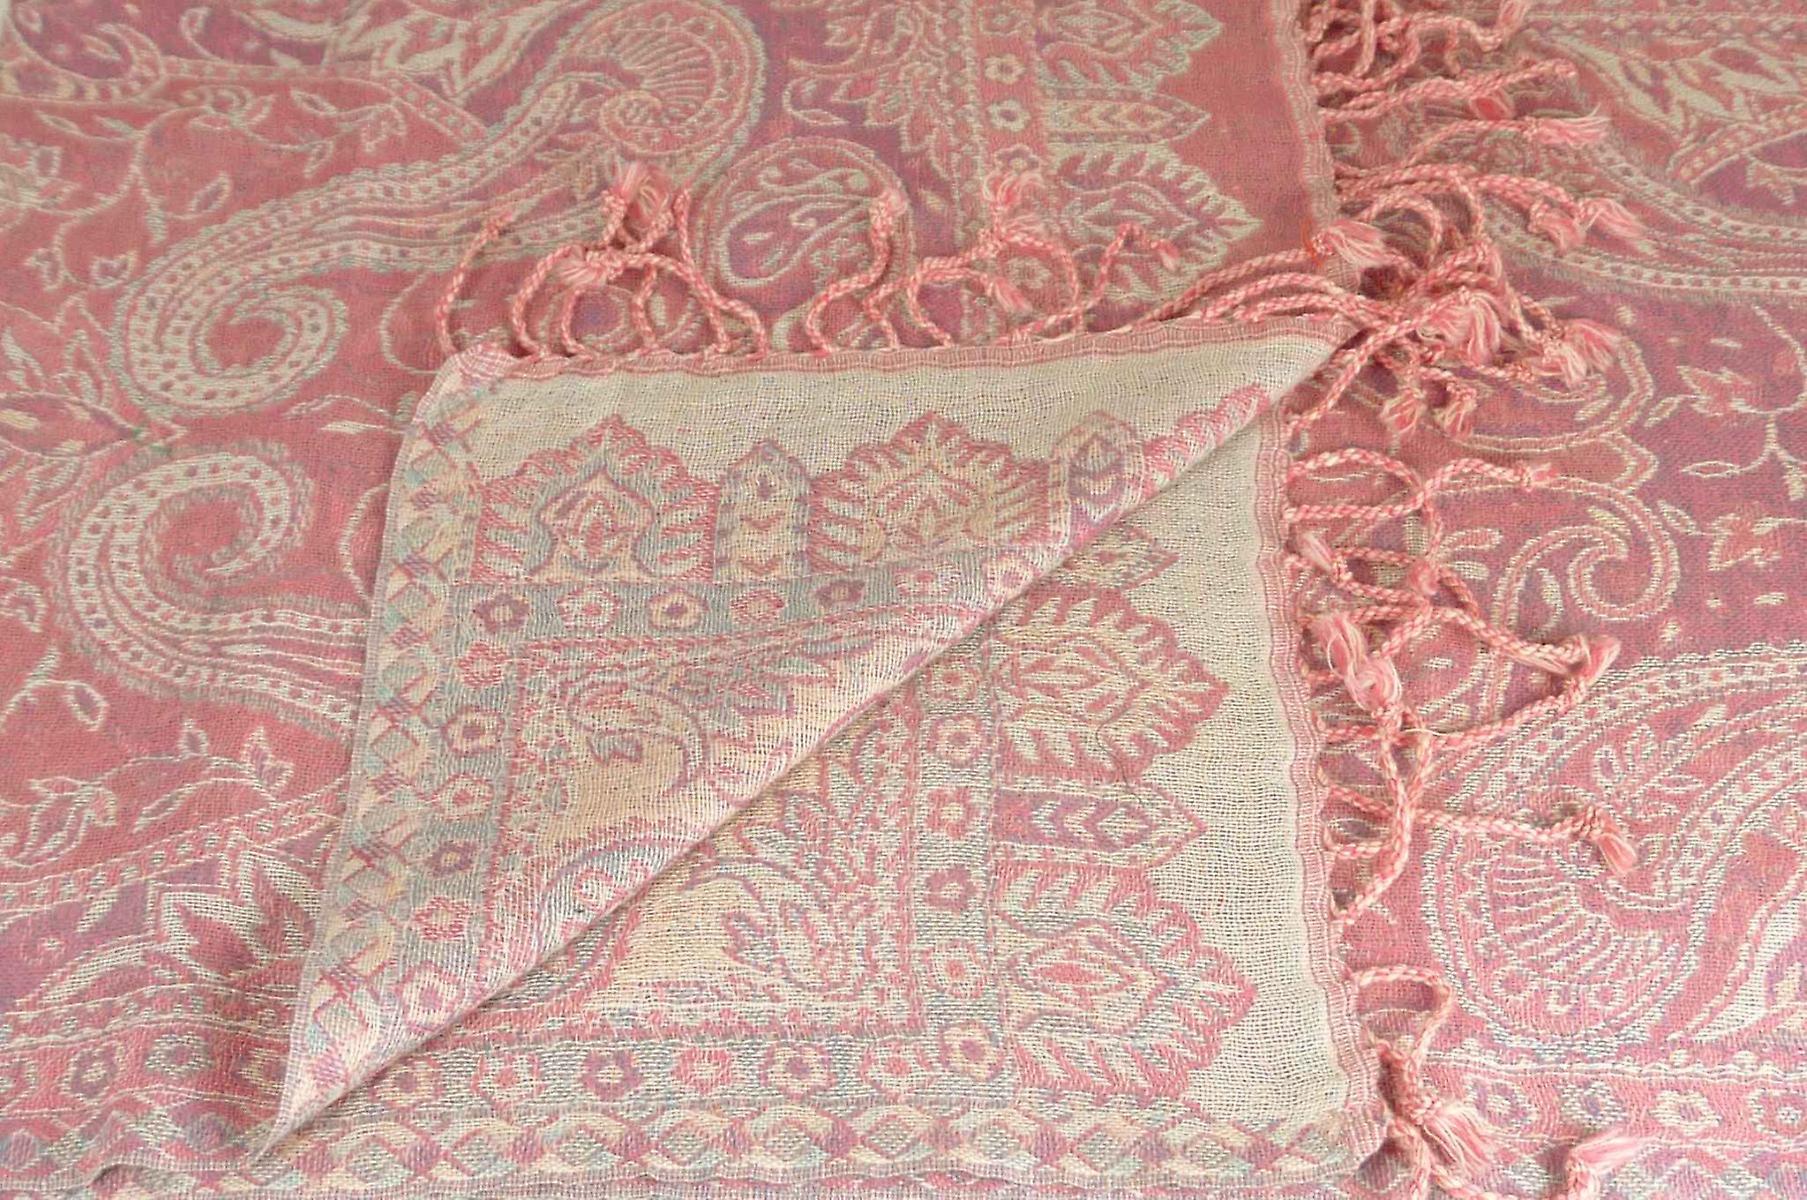 Muffler Scarf 4743 in Fine Pashmina Wool Heritage Range by Pashmina & Silk